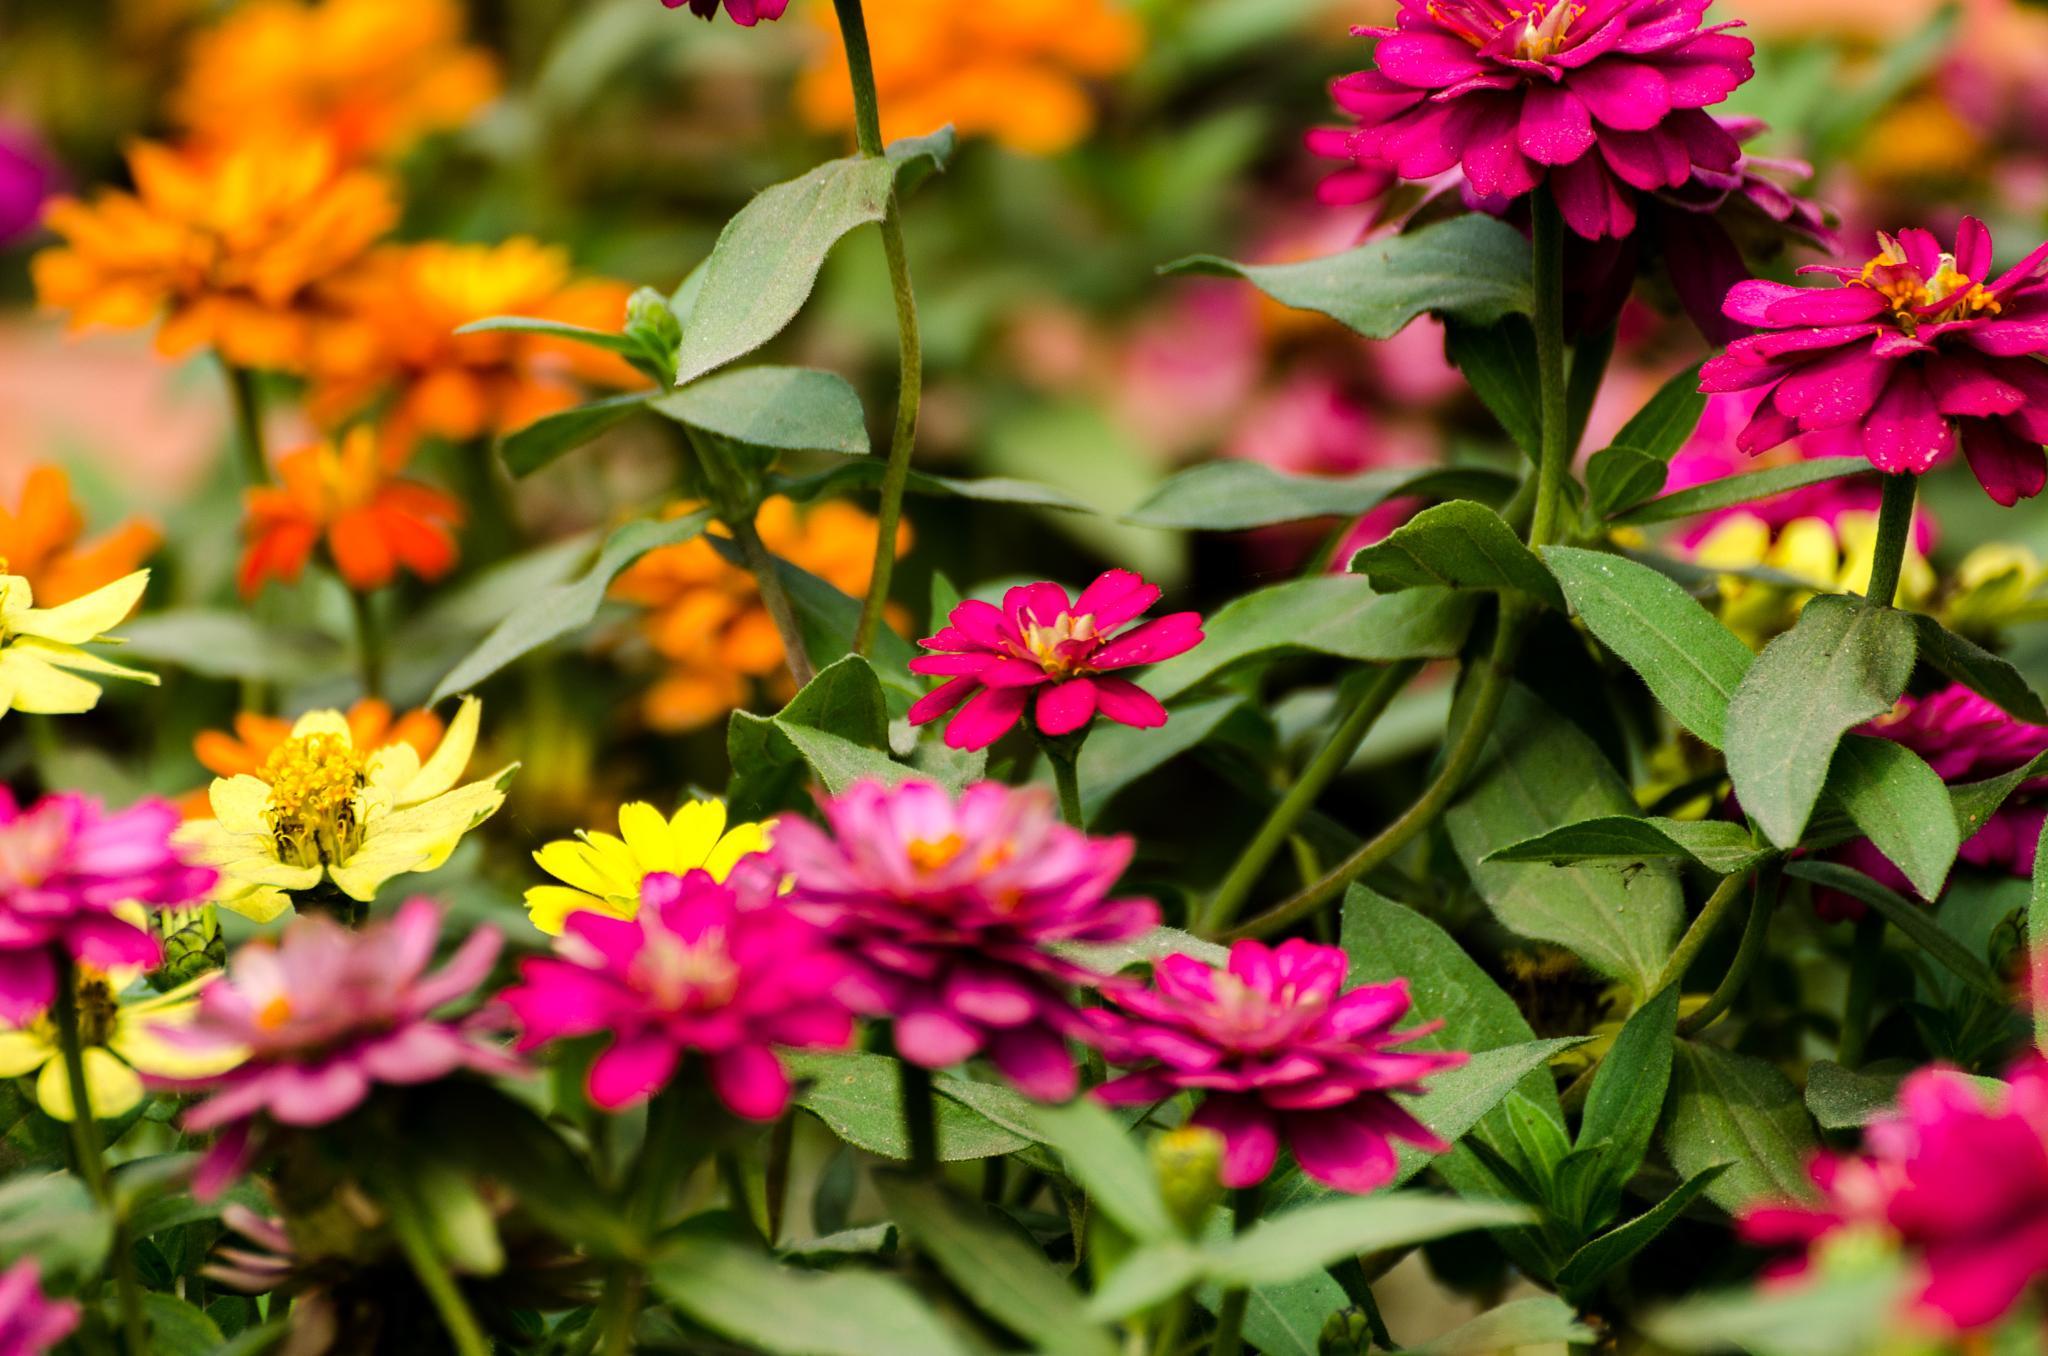 Flowers by Mahbub Afzal Khan